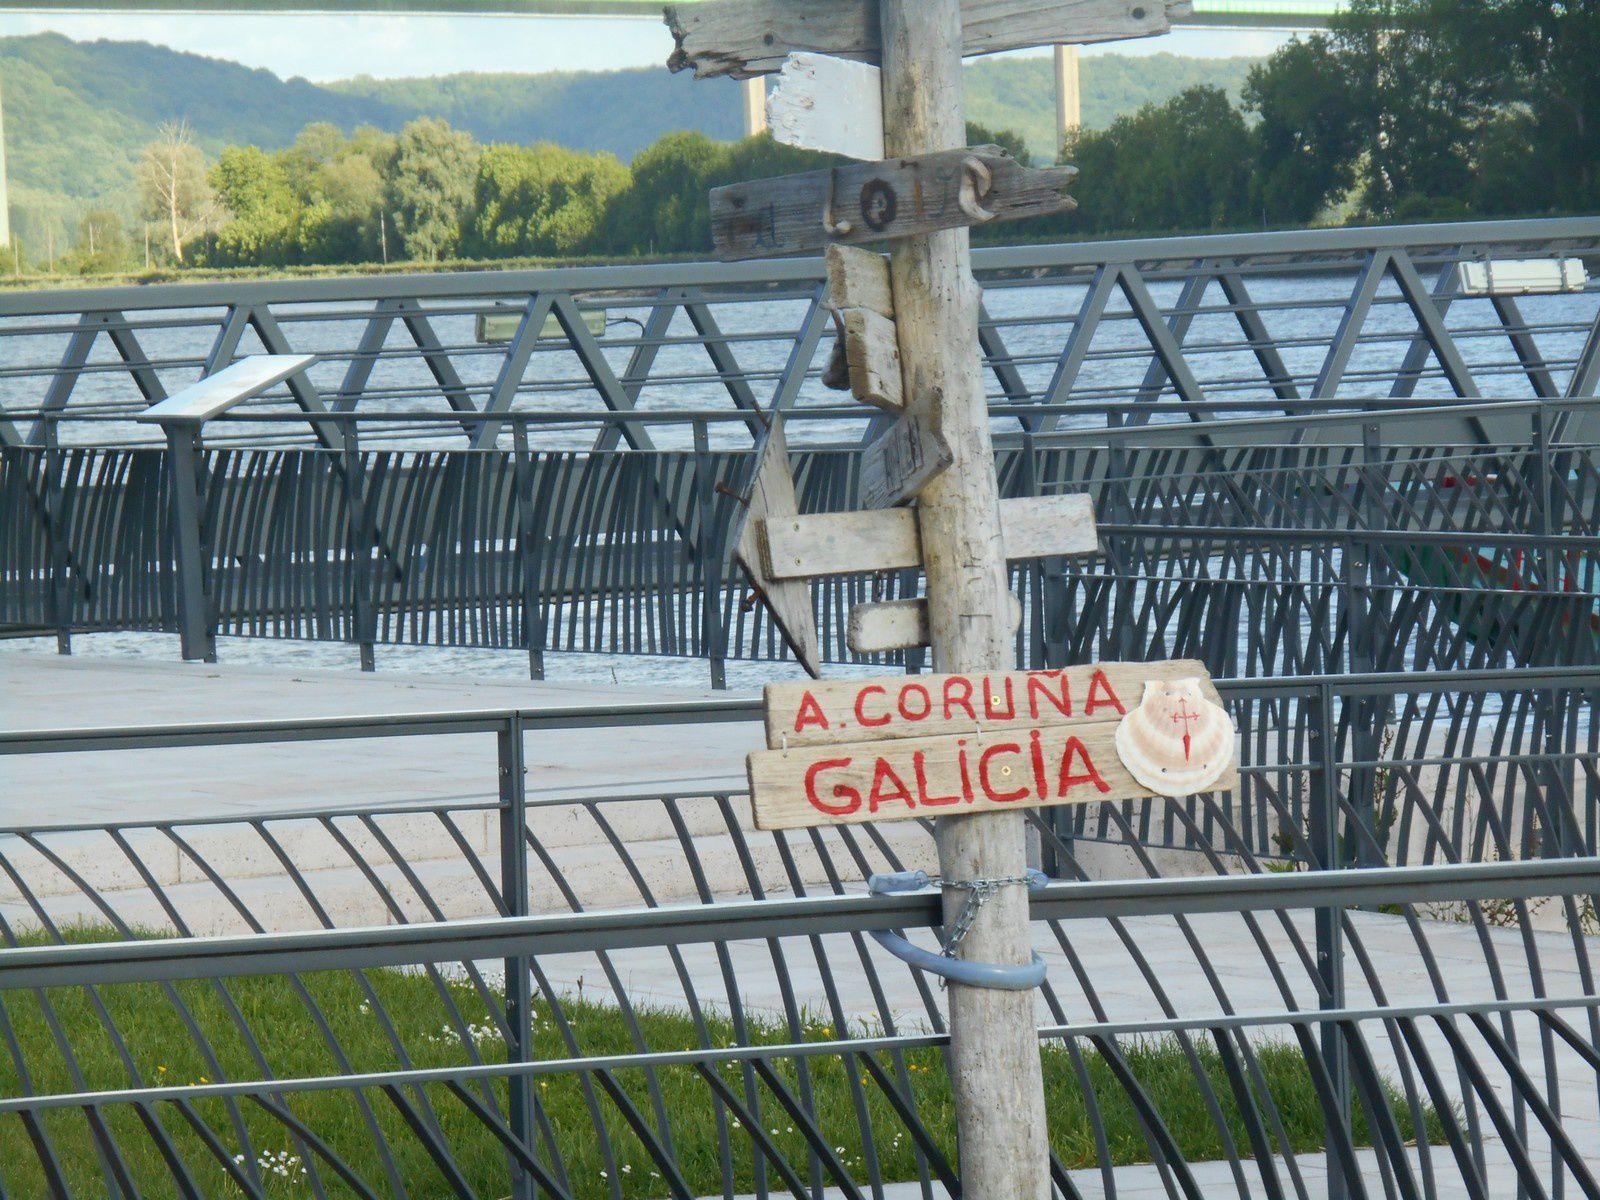 le poteau indicateur sur le Quai Guilbaud installé en  juin 2014 et l'ajout d'anonymes en 2015: Galicia